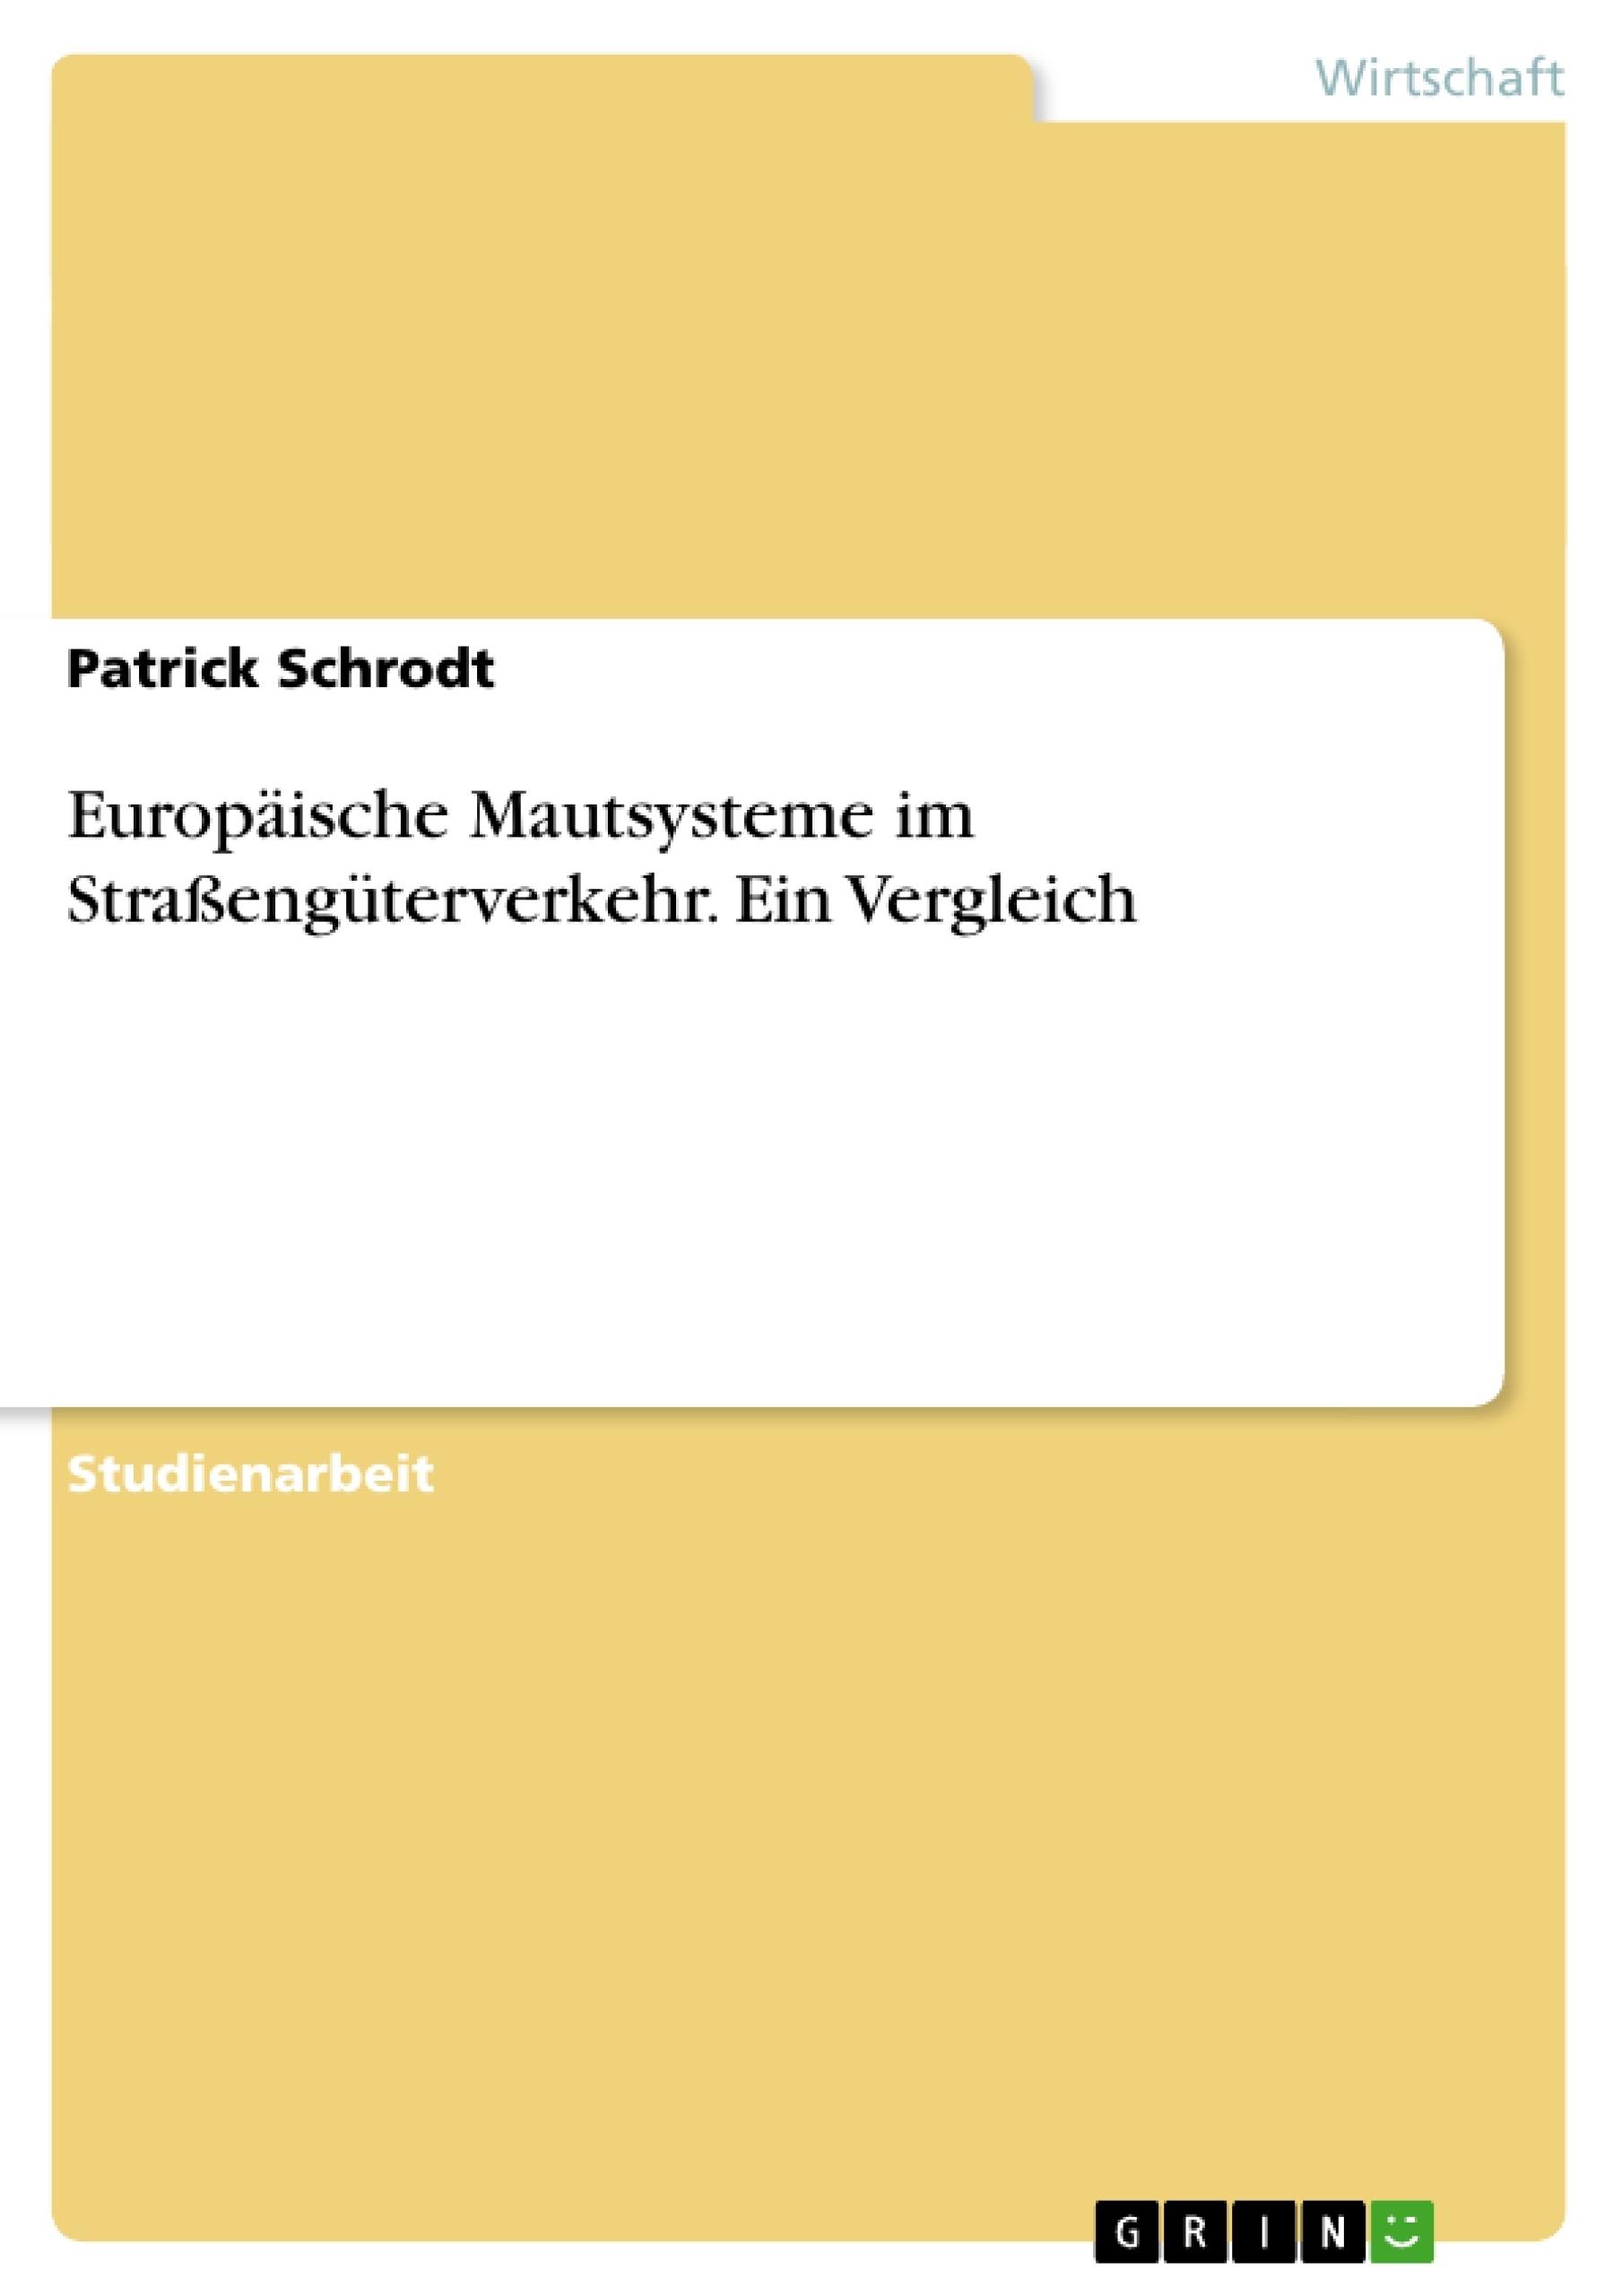 Titel: Europäische Mautsysteme im Straßengüterverkehr. Ein Vergleich